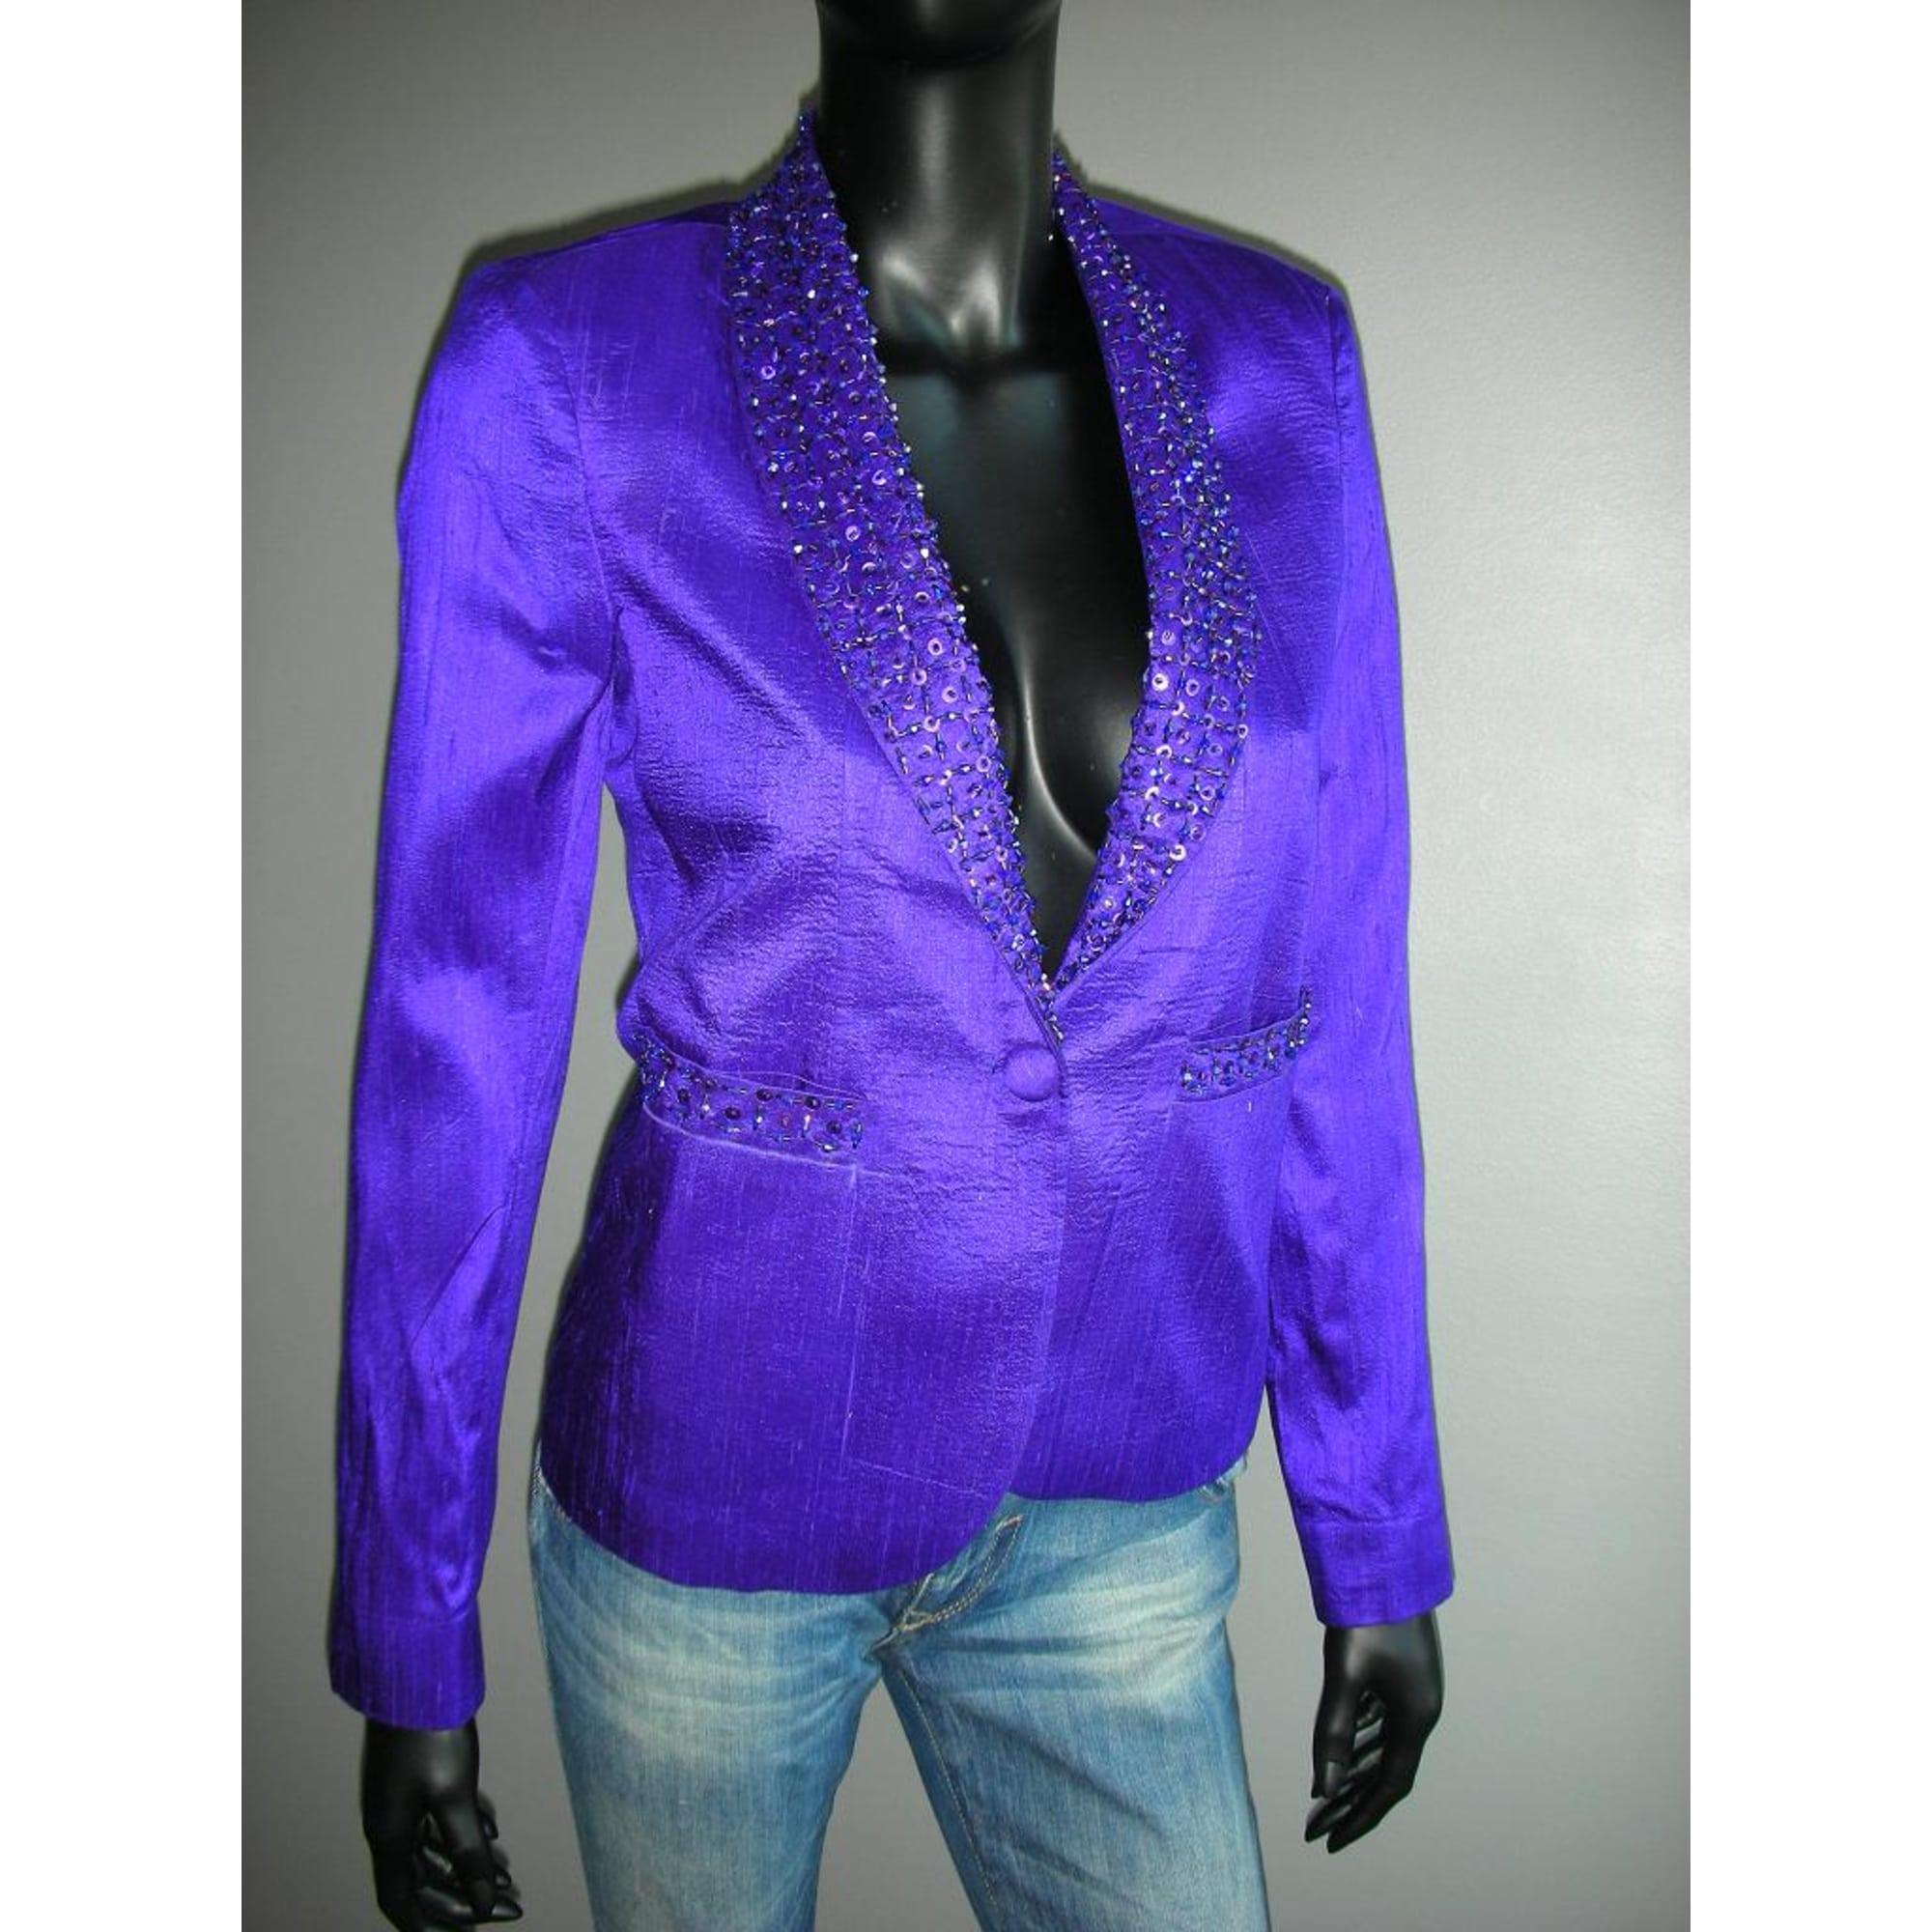 Blazer, veste tailleur MHAND'S HOPE Violet, mauve, lavande